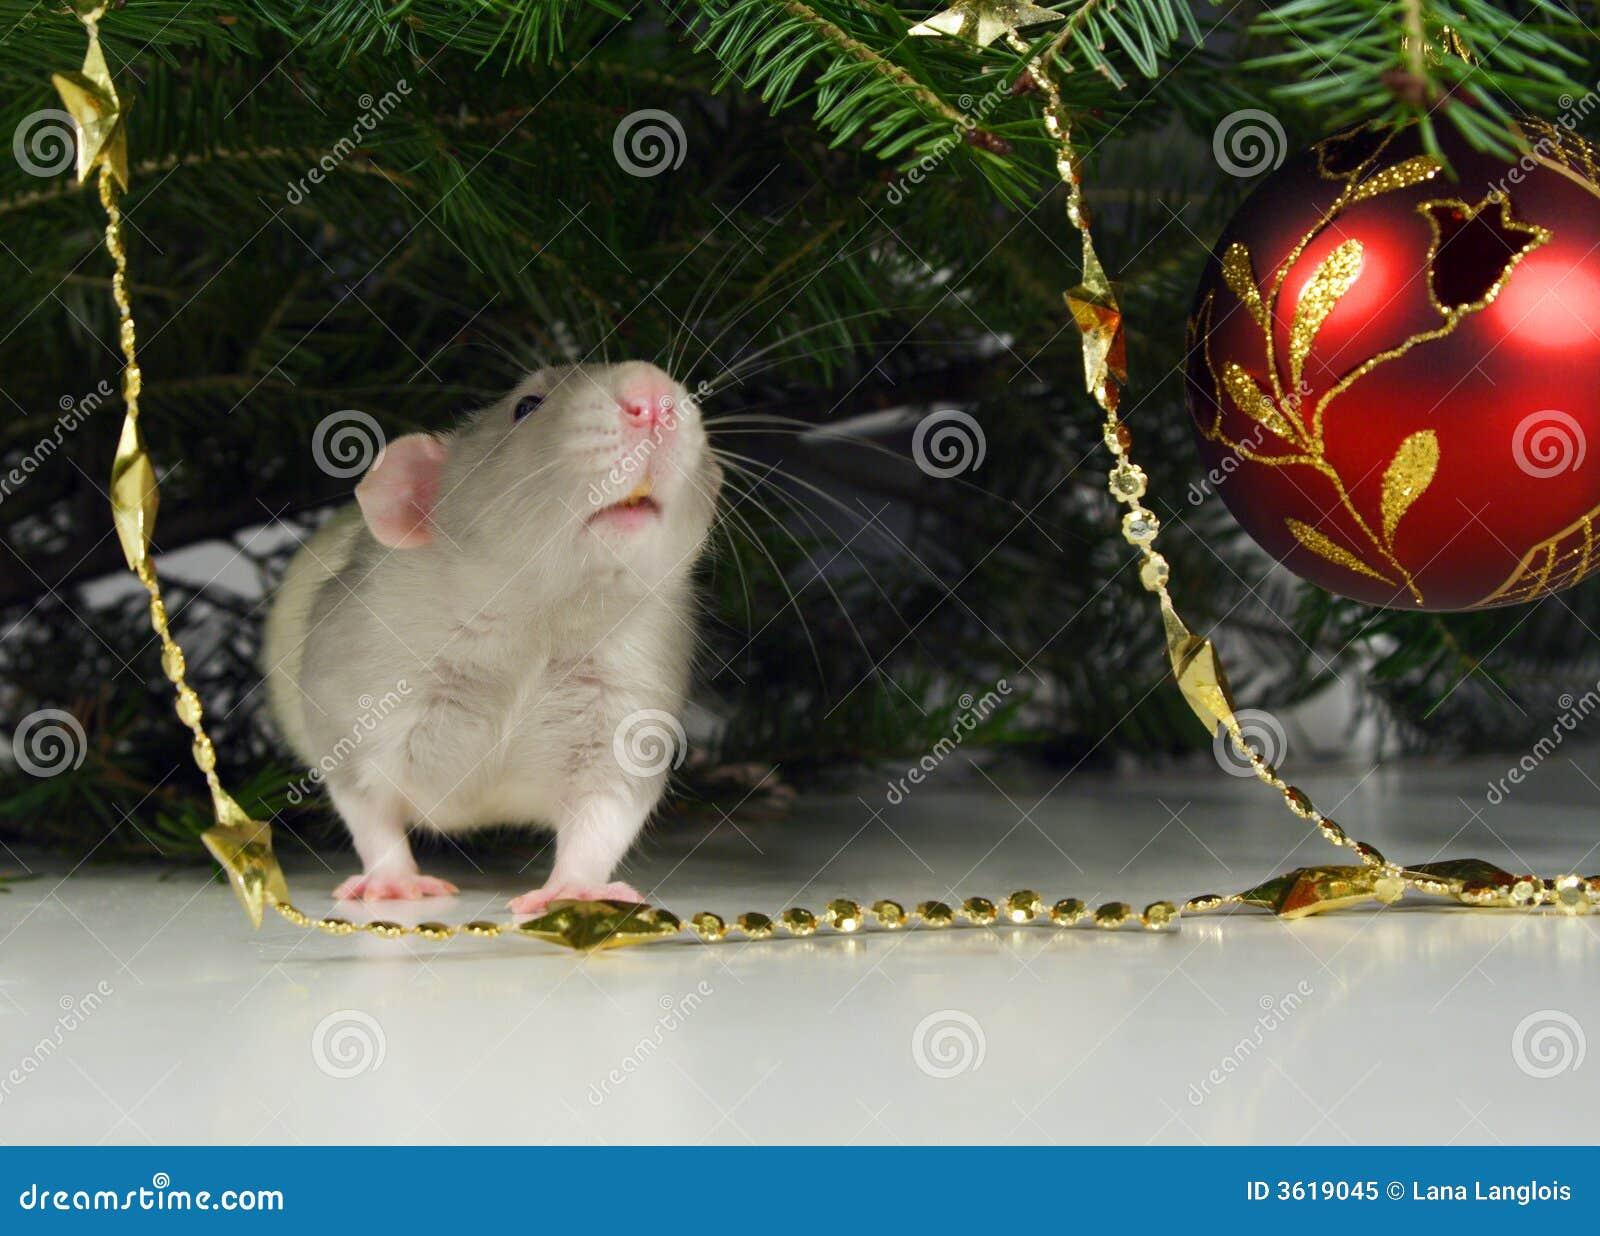 Rata y ornamentos de navidad foto de archivo libre de - Ornamentos de navidad ...